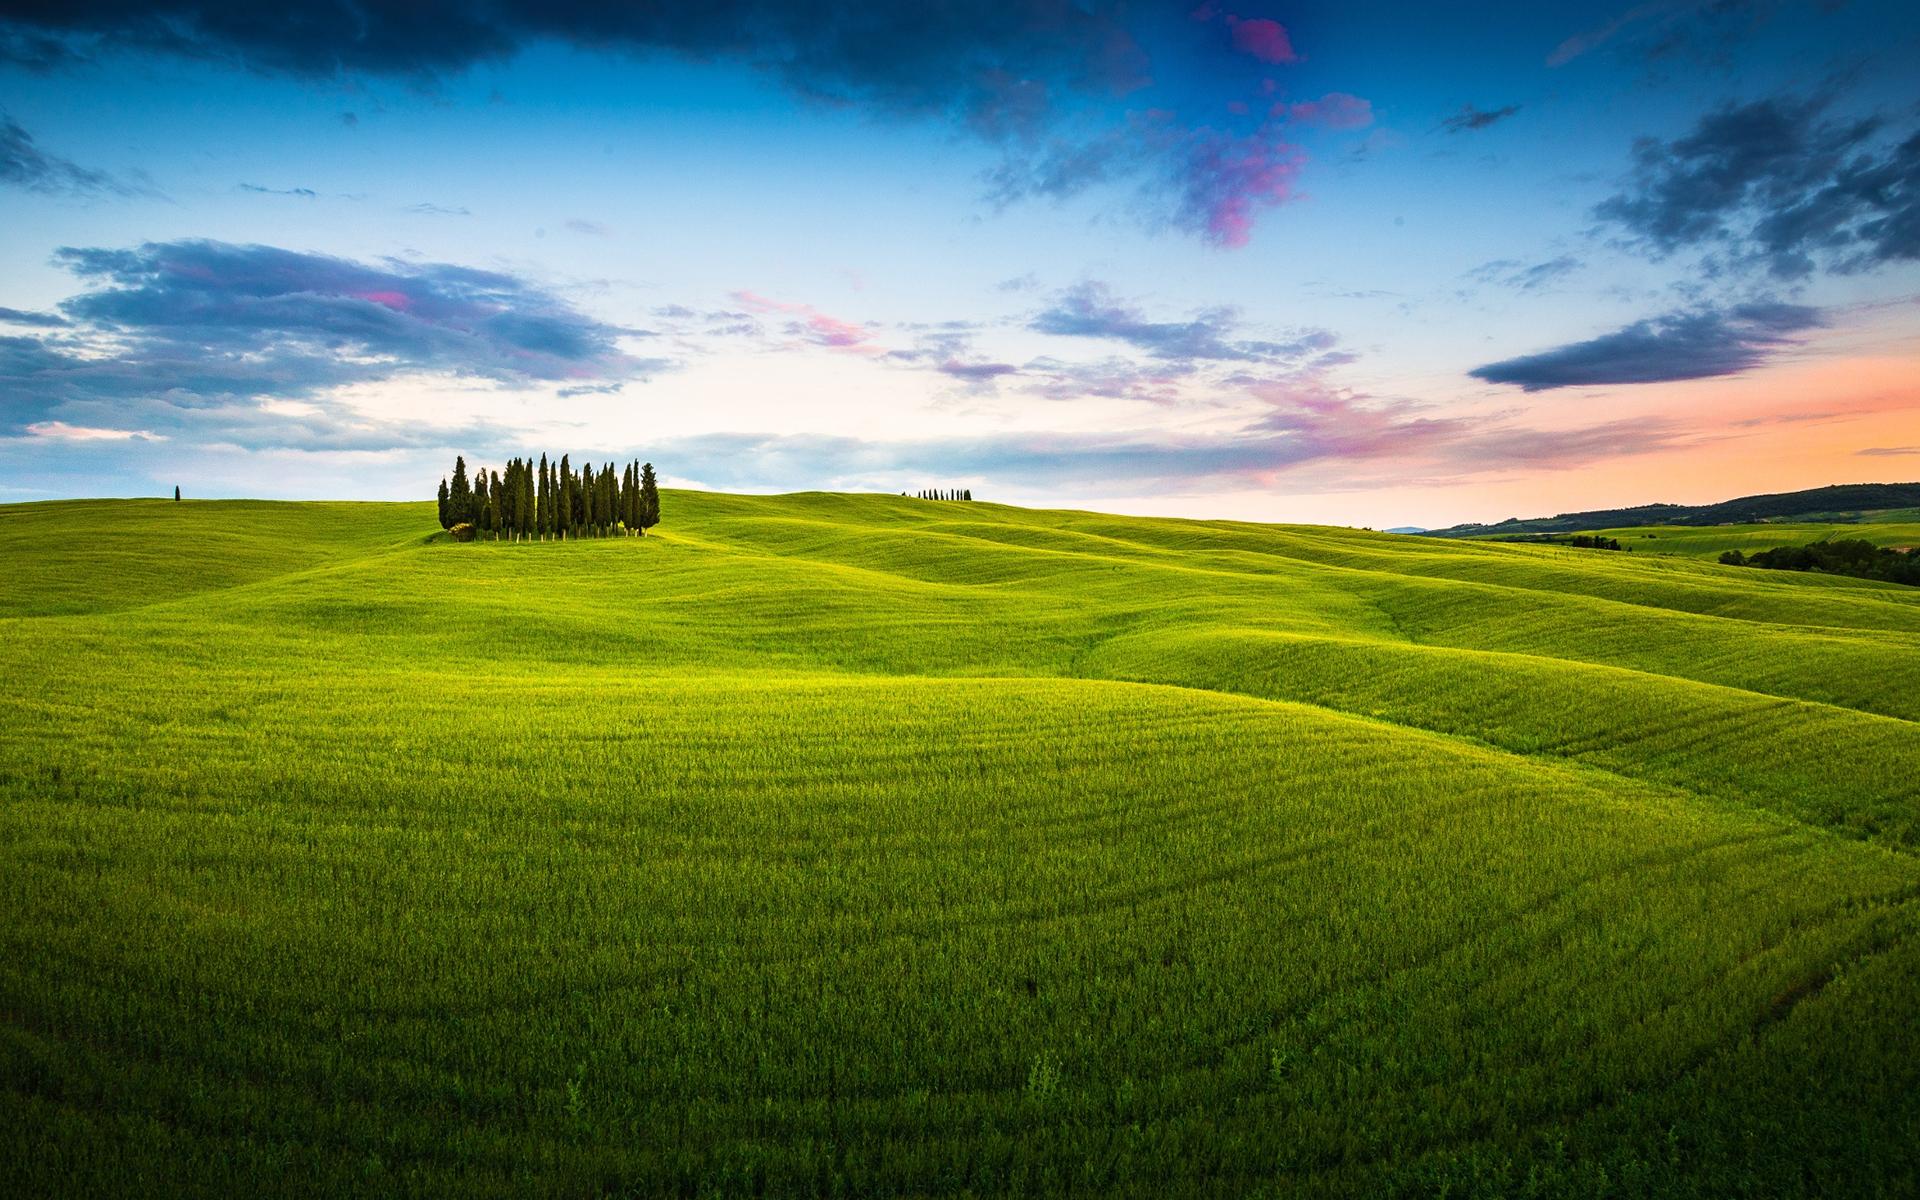 【美丽的草原风景】-【社区活动】论坛-手机乐粉家